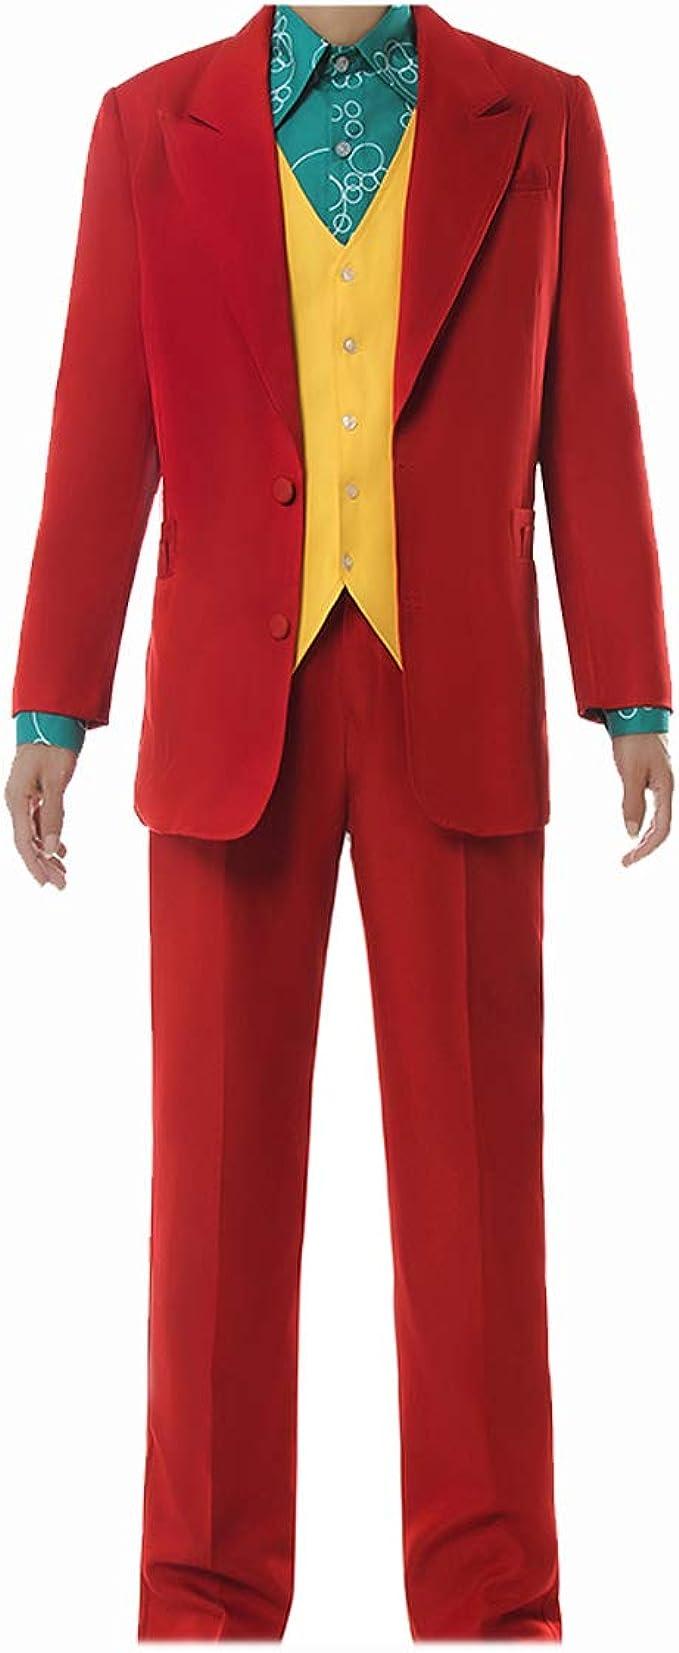 traje rojo joker joaquin phoenix